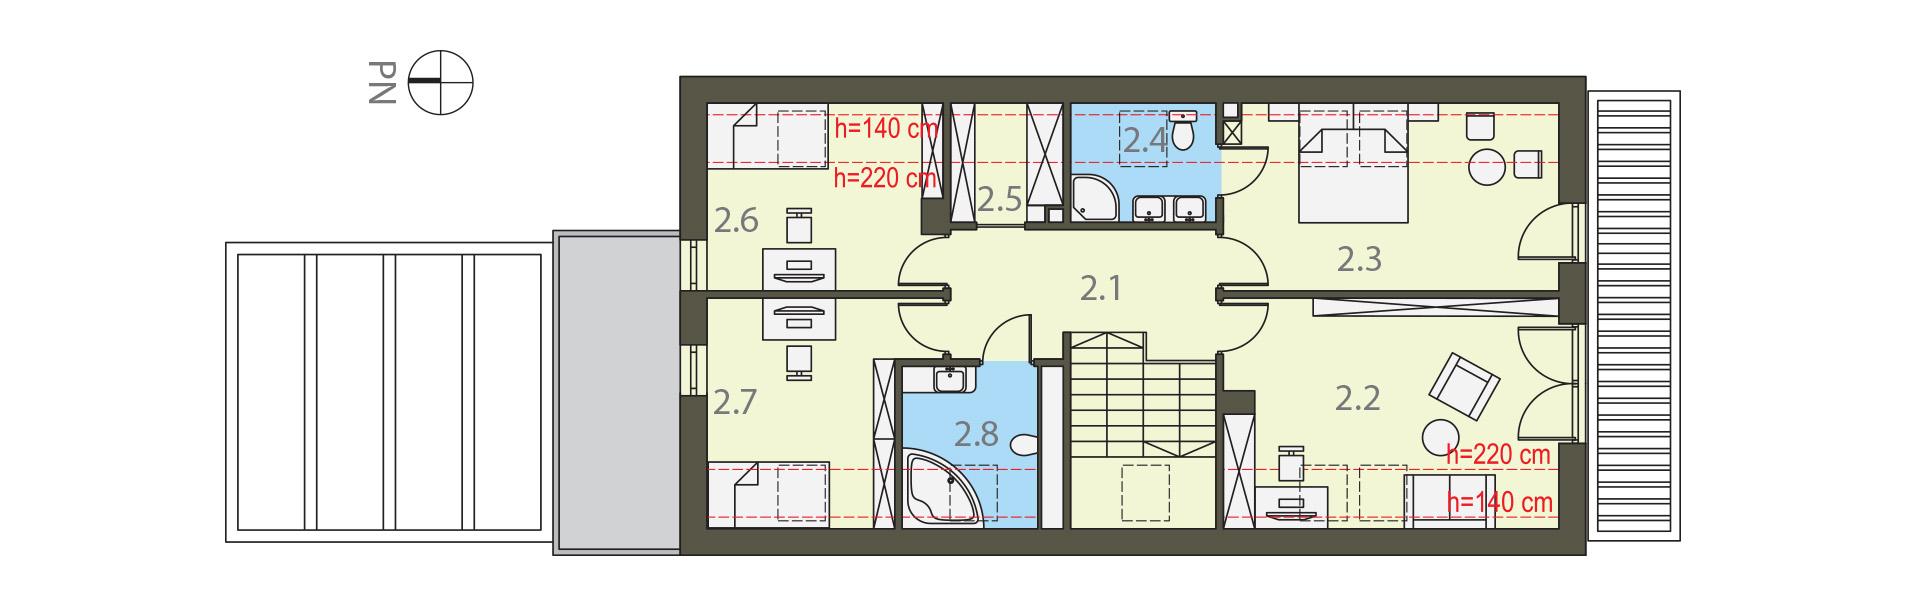 Projekt domu MAŁY I WĄSKI Domy Czystej Energii rzut piętra